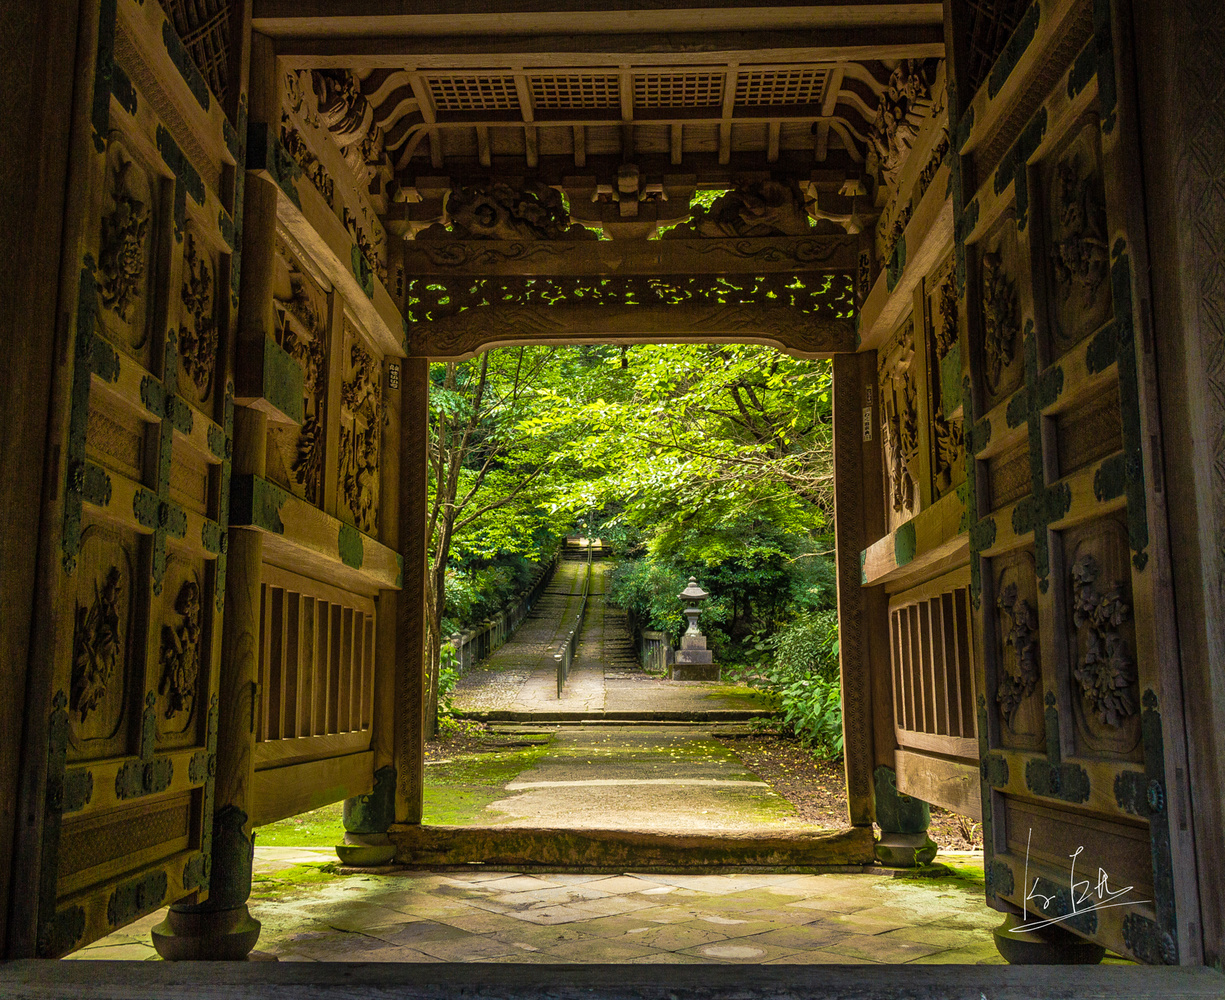 The gate by Ko Eto